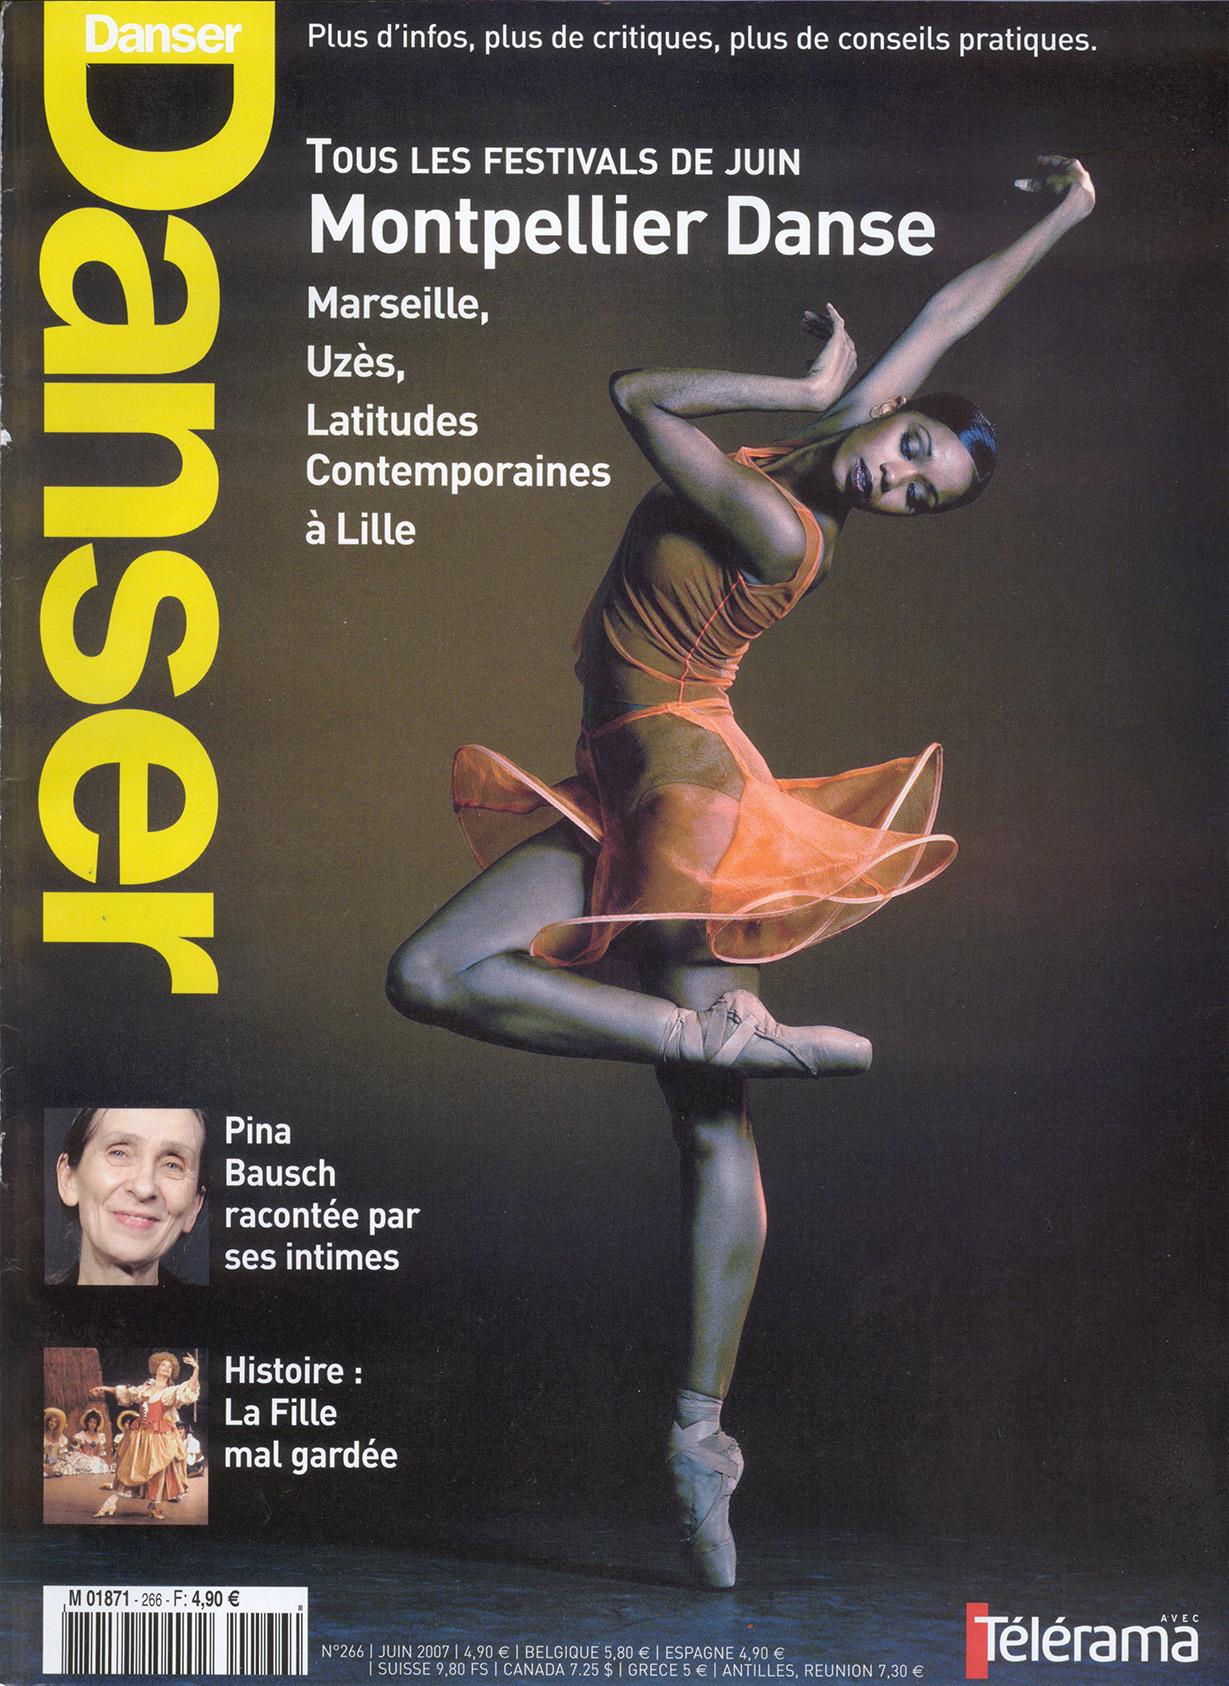 Danser June 2007.jpg